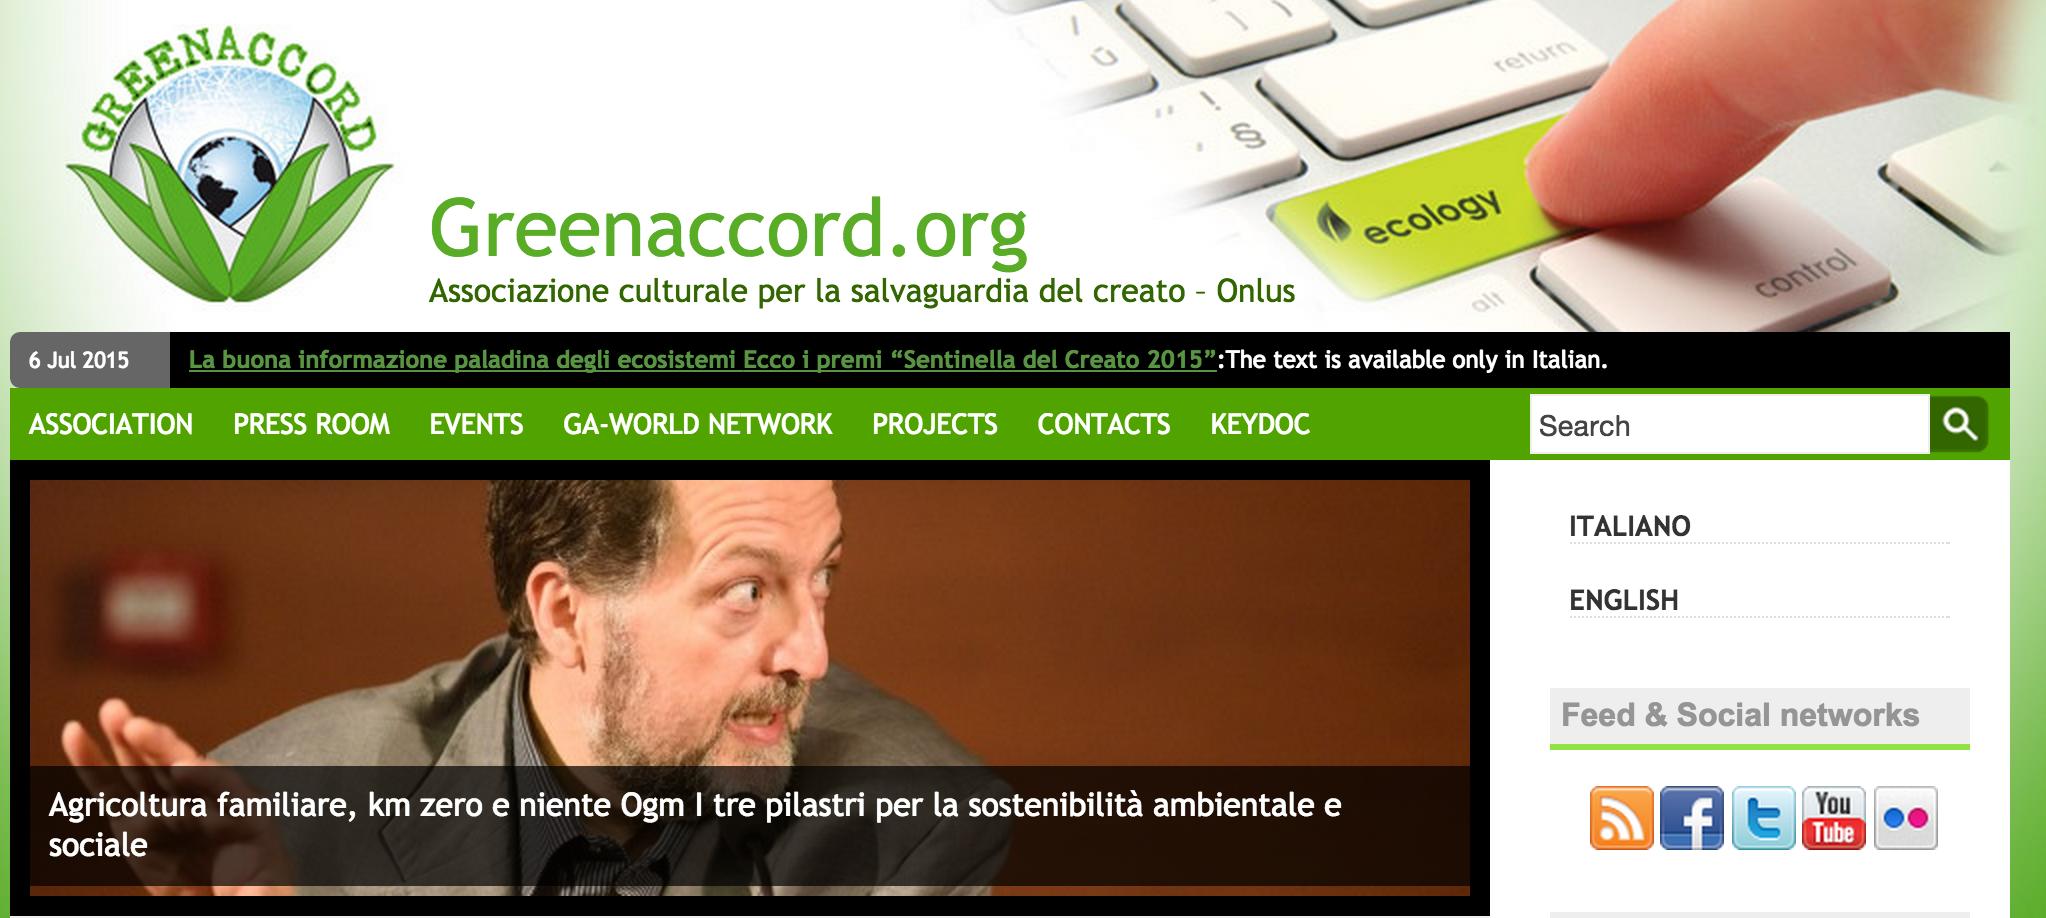 Medlem Med Til International Konference I Italien